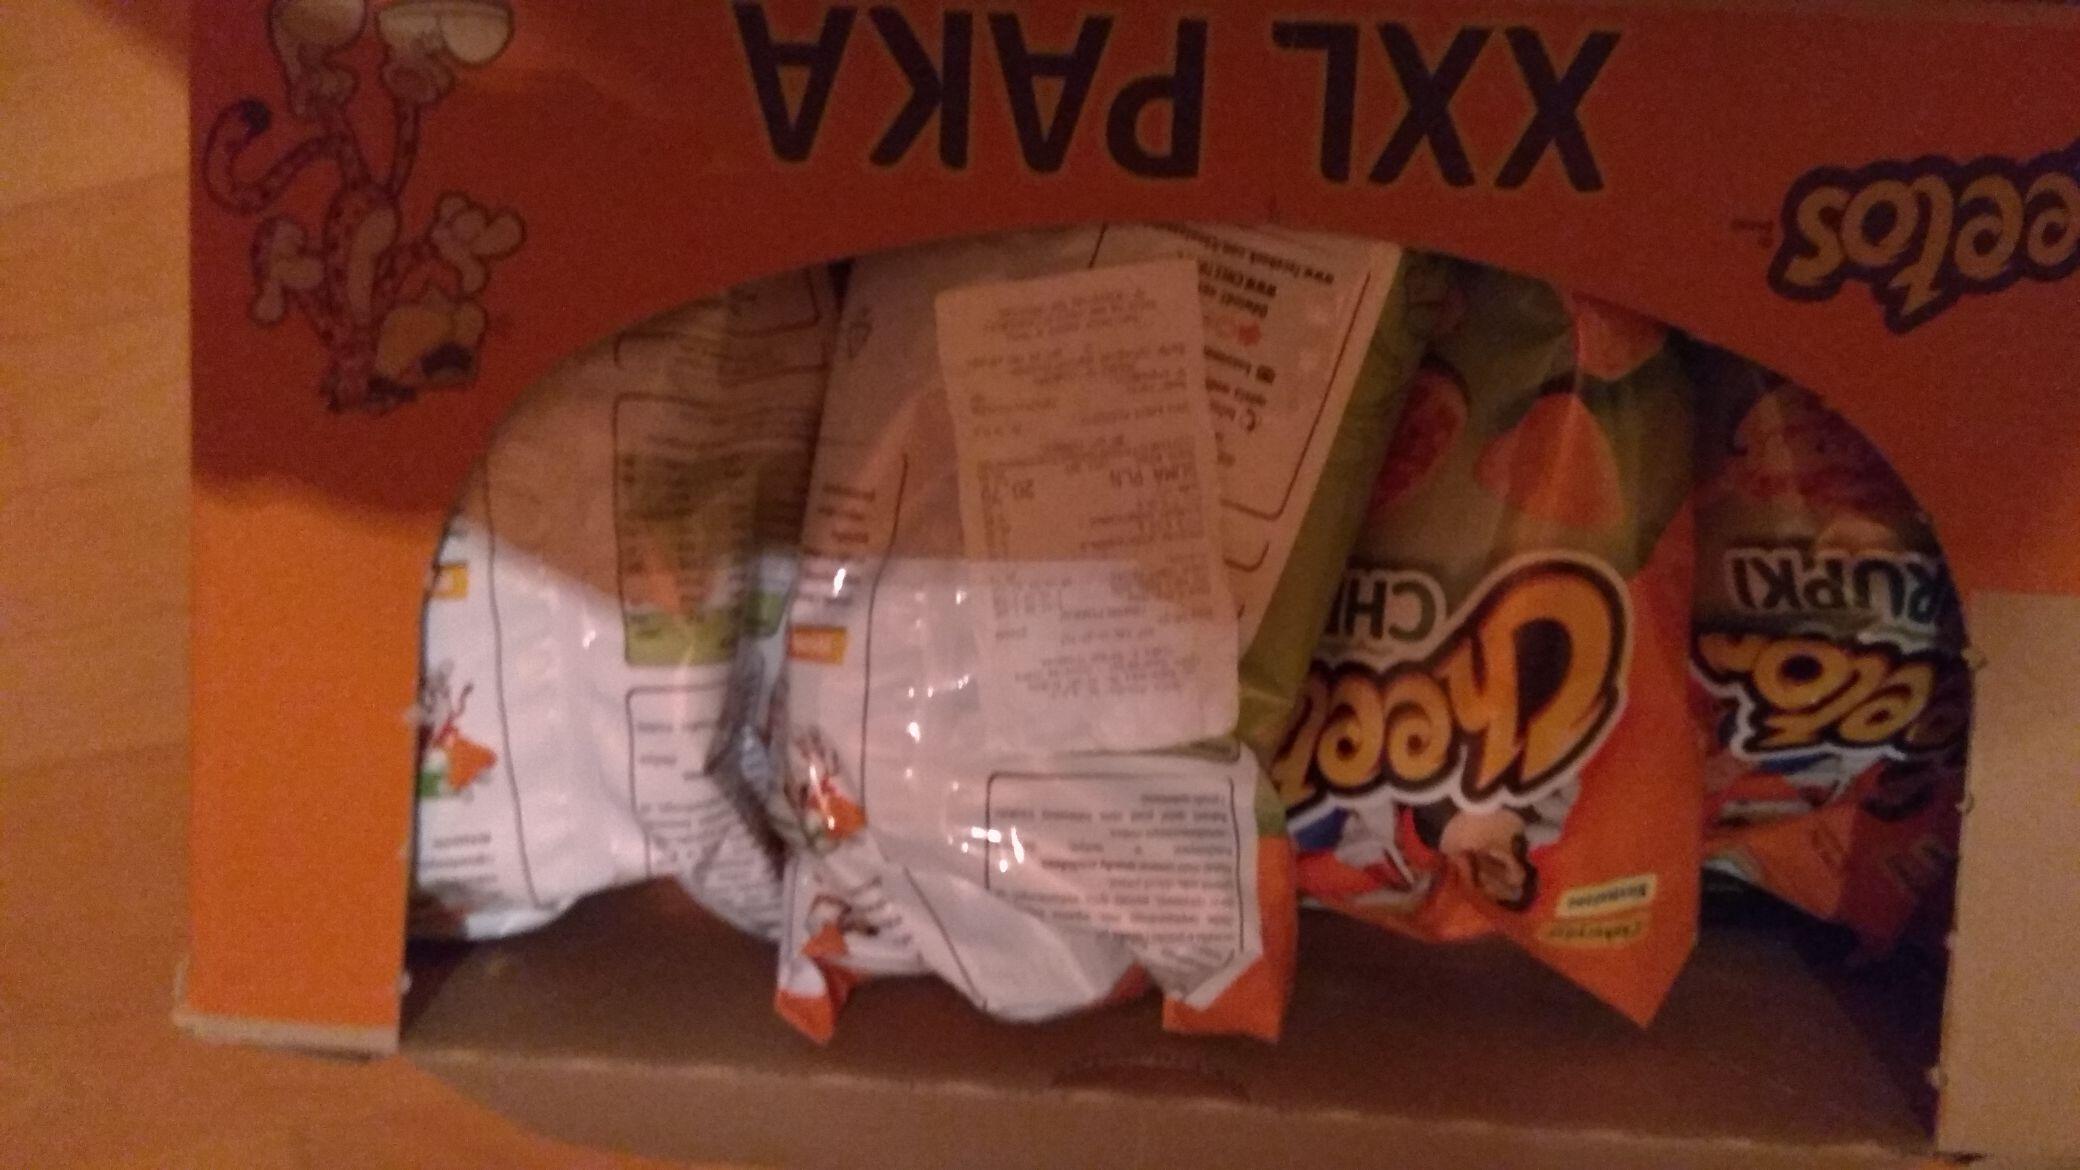 Cheetosy za 1,07 zł i orzeszki w Tesco